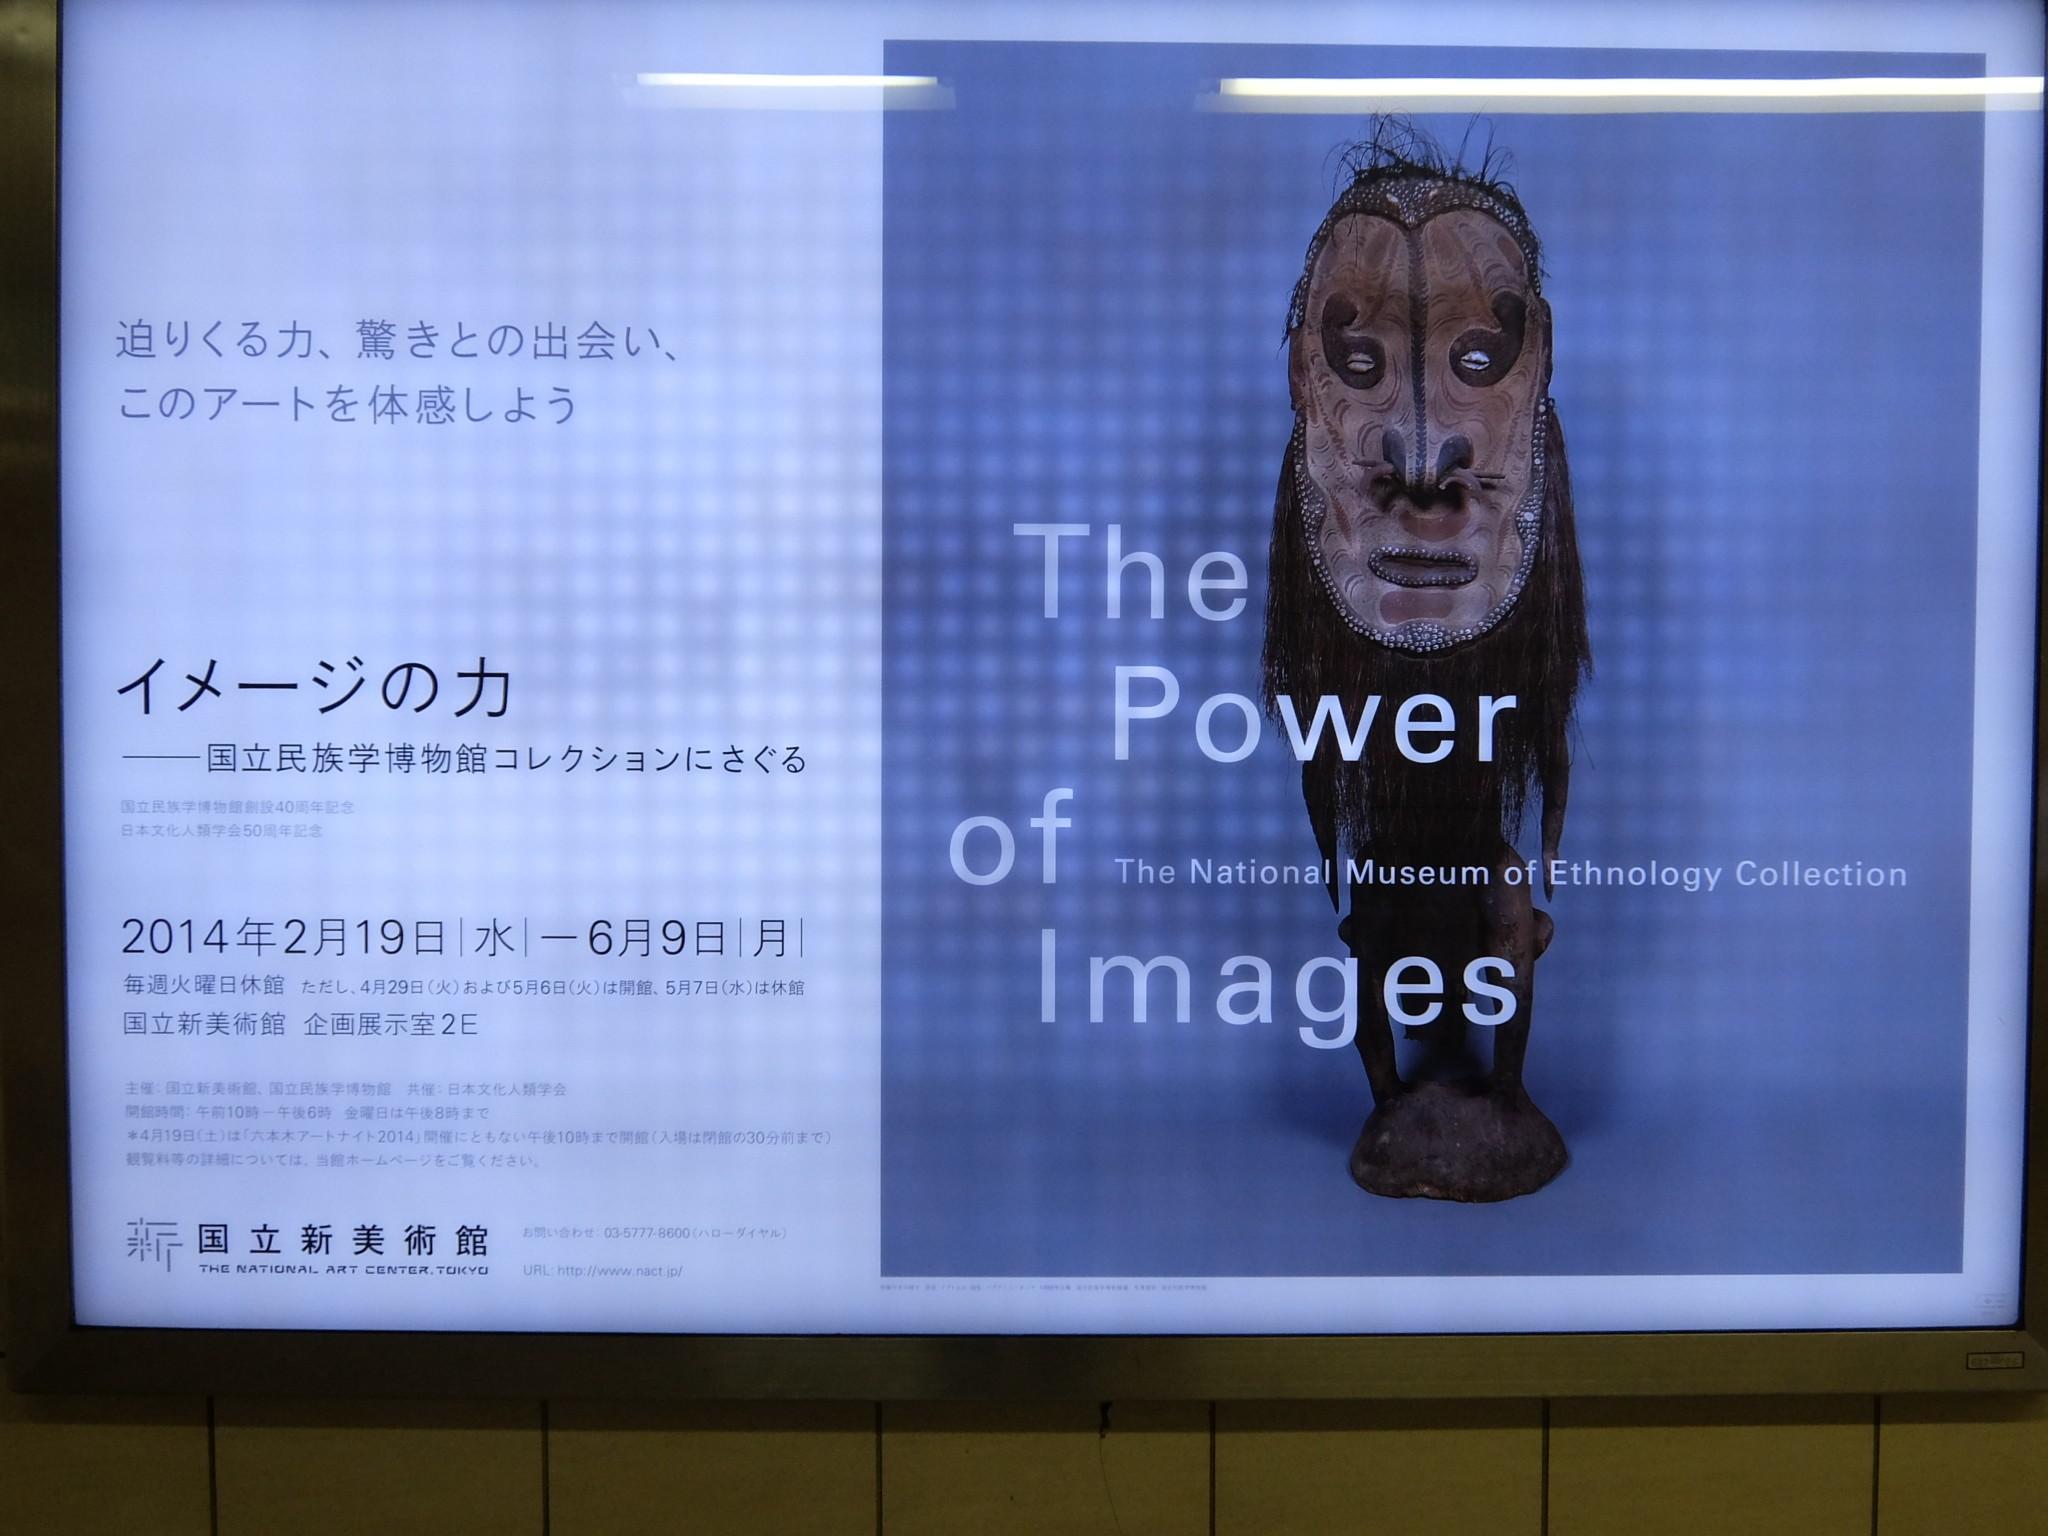 イメージの力 ―国立民族学博物館コレクションにさぐる